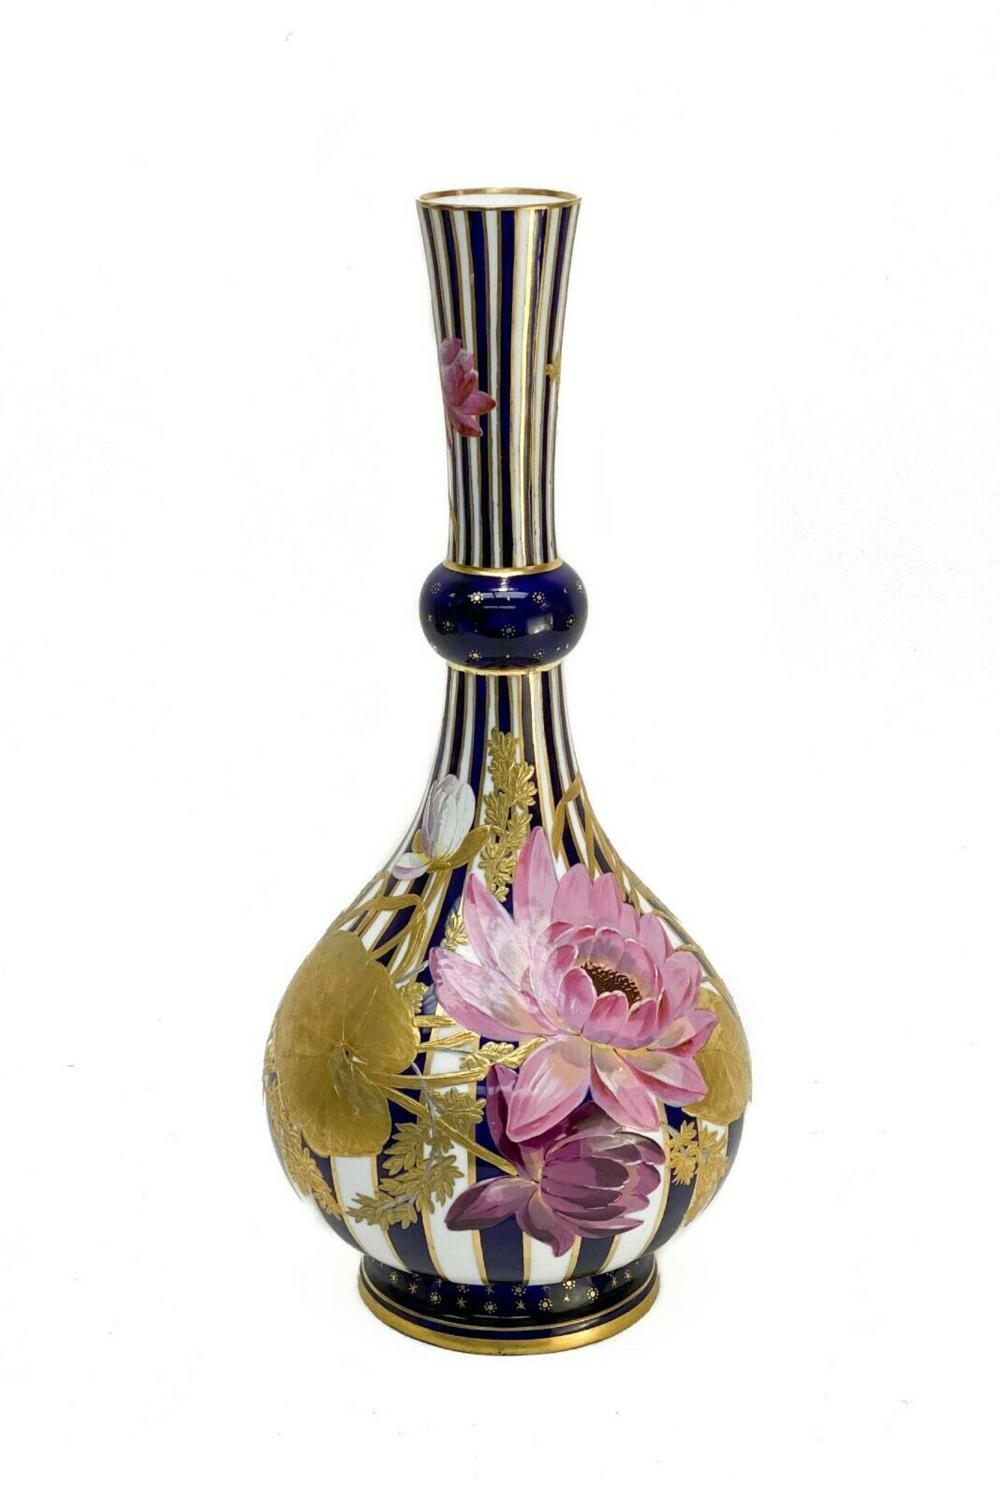 Royal Crown Derby England Porcelain Vase